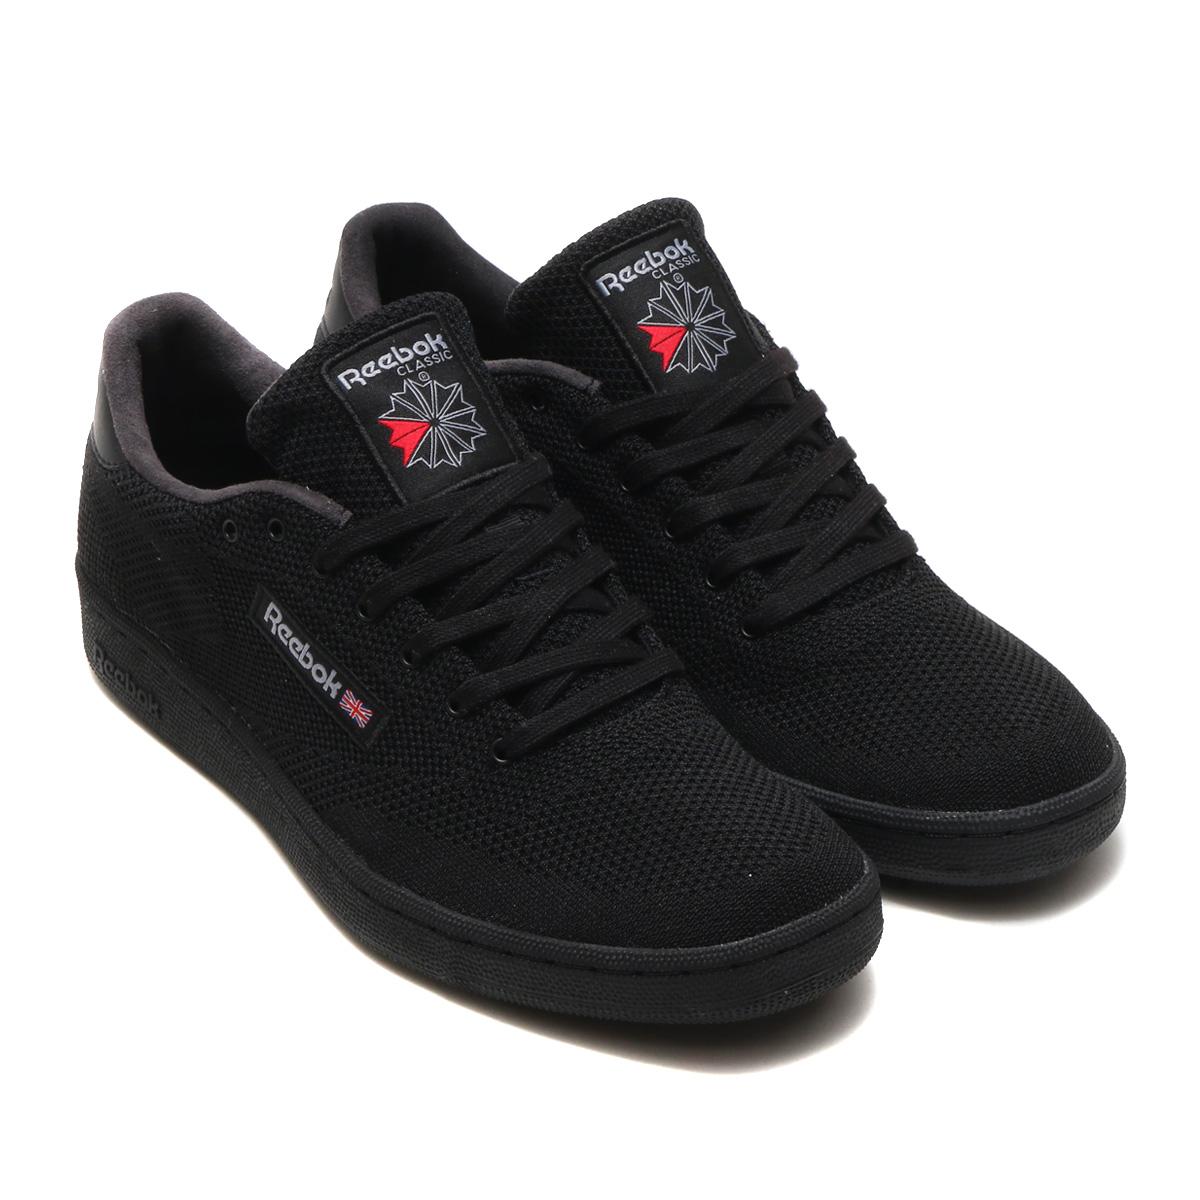 0a14c584a544f Reebok CLASSIC (Reebok classical music) sneakers.